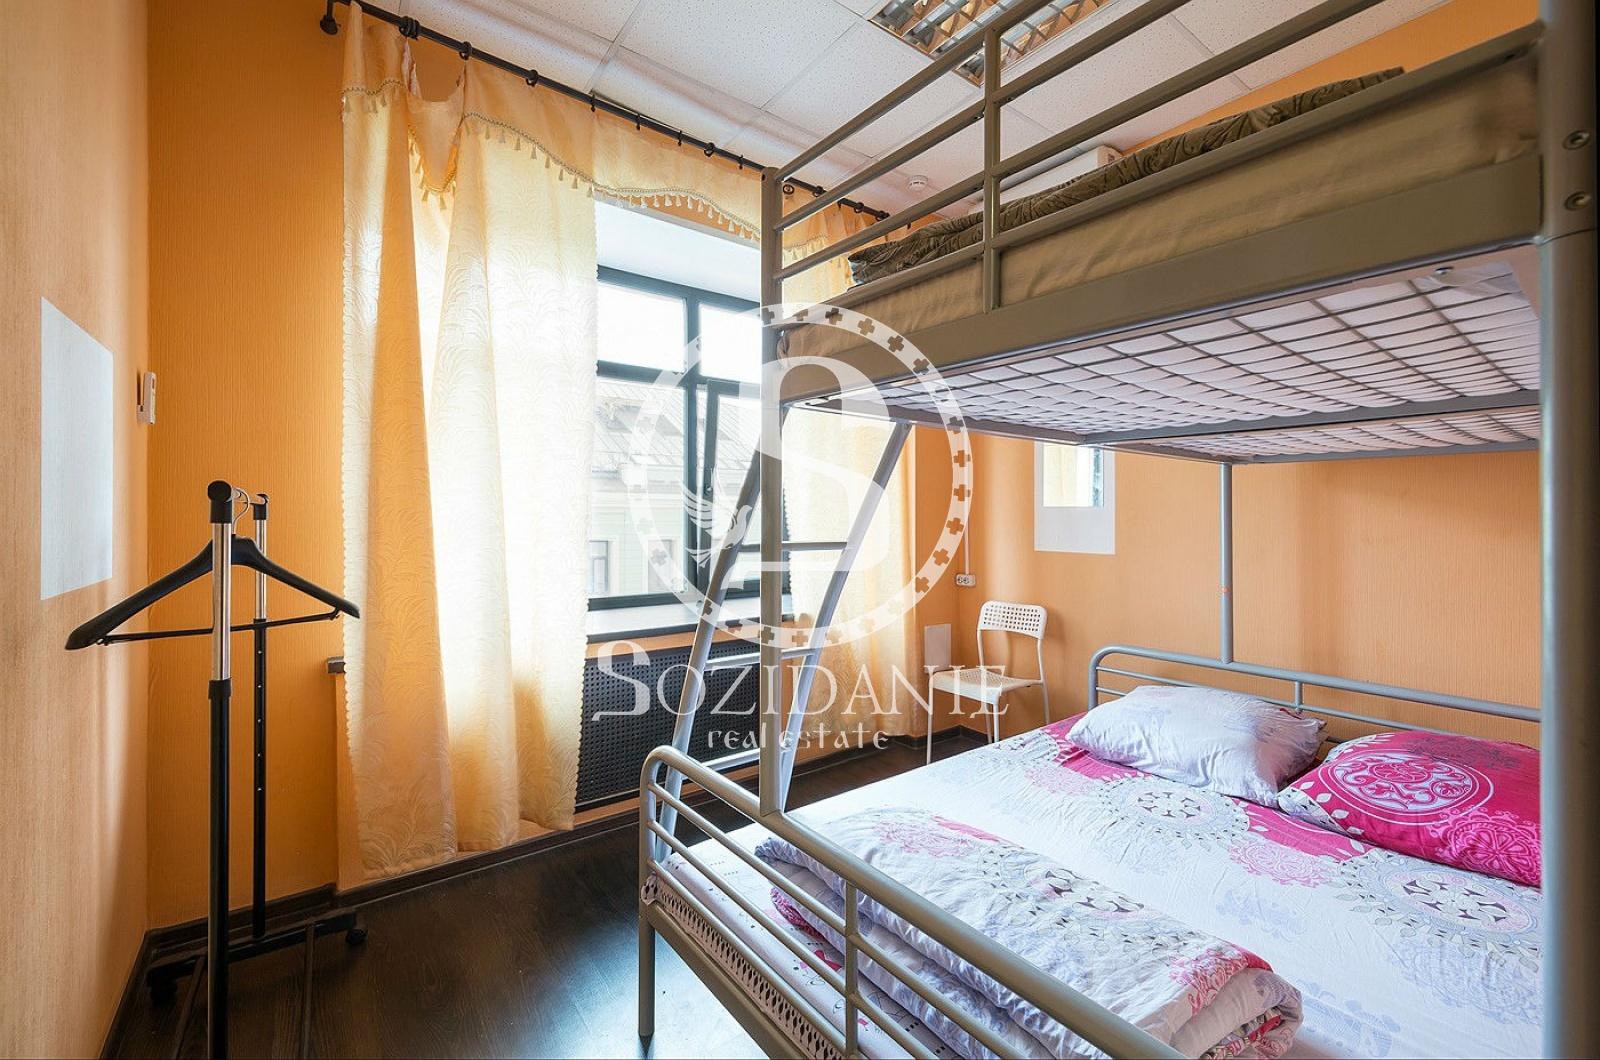 5 Комнаты, Городская, Продажа, Улица Большая Никитская , Listing ID 3422, Москва, Россия,